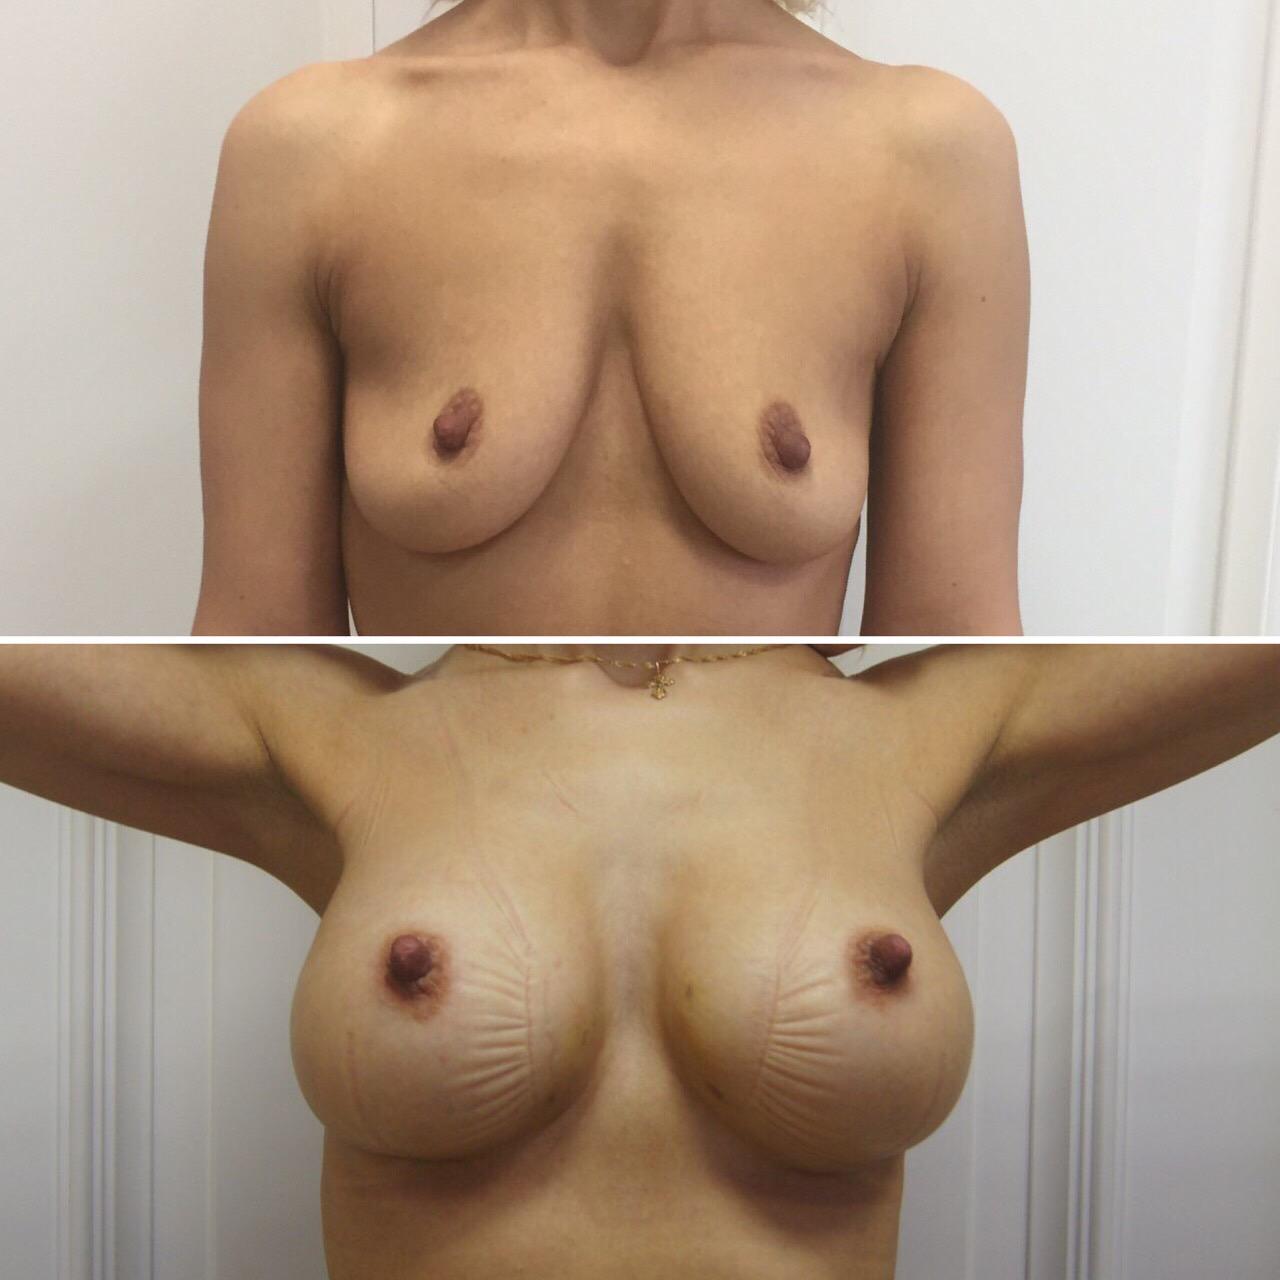 Увеличение груди имплантами Mentor круглые средний профиль 350 мл